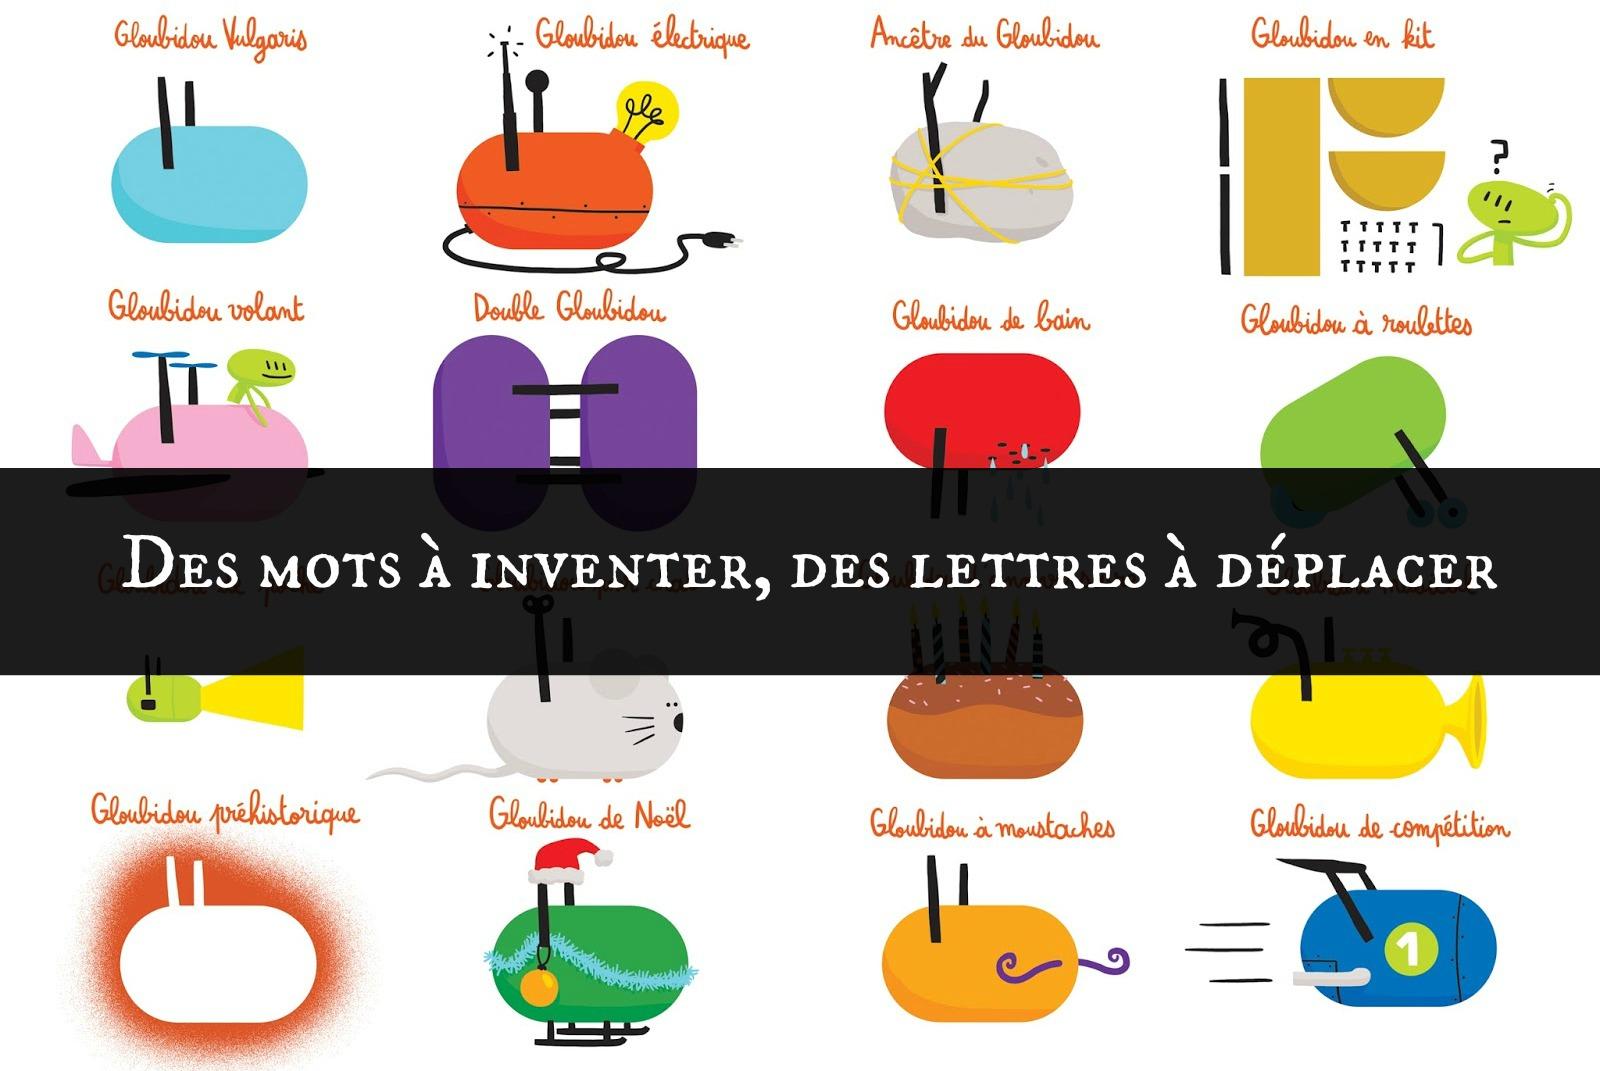 Des mots à inventer, des lettres à déplacer